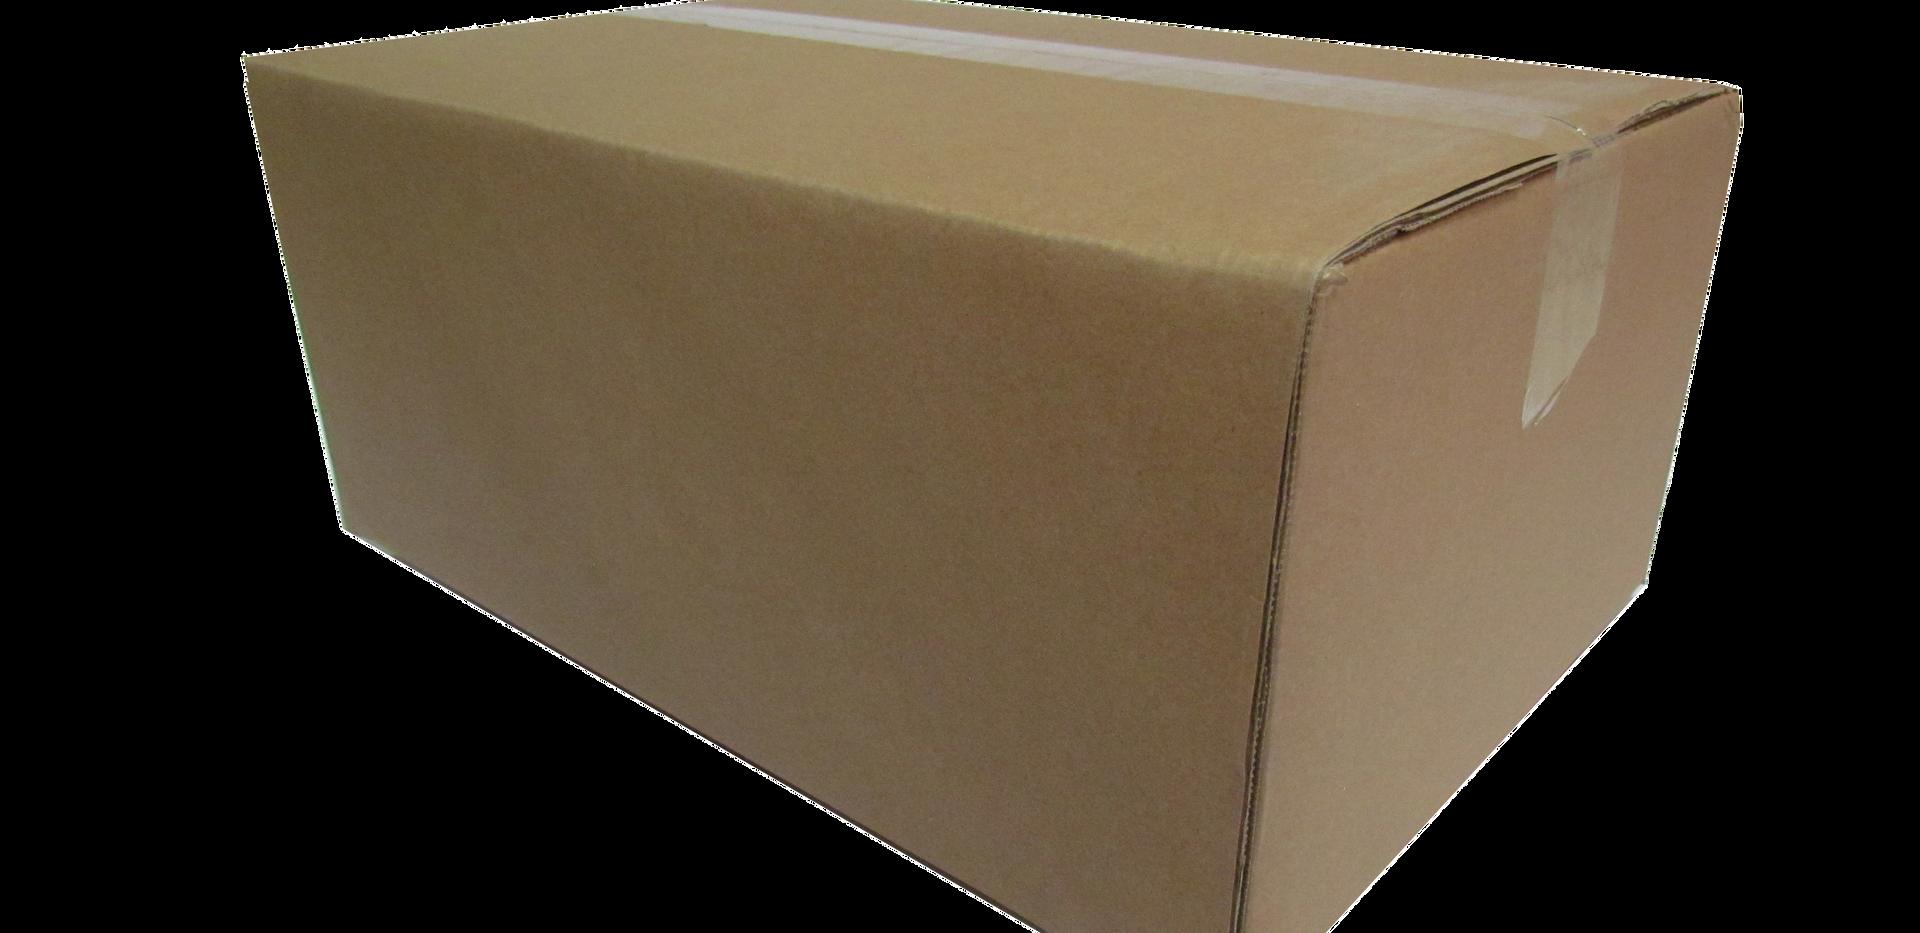 """Caja Regular Ranurada de acuerdo a las medidas que se acomoden a sus necesidades asi como el tipo de material y linner exterior  Material: -Flauta """"B"""" -Flauta """"C"""" -Flauta """"E""""  DOBLE CORRUGADO -Flauta """"BC"""" -Flauta """"BE""""  Linner exterior: -Blanco -Kraft  Con o sin impresión"""